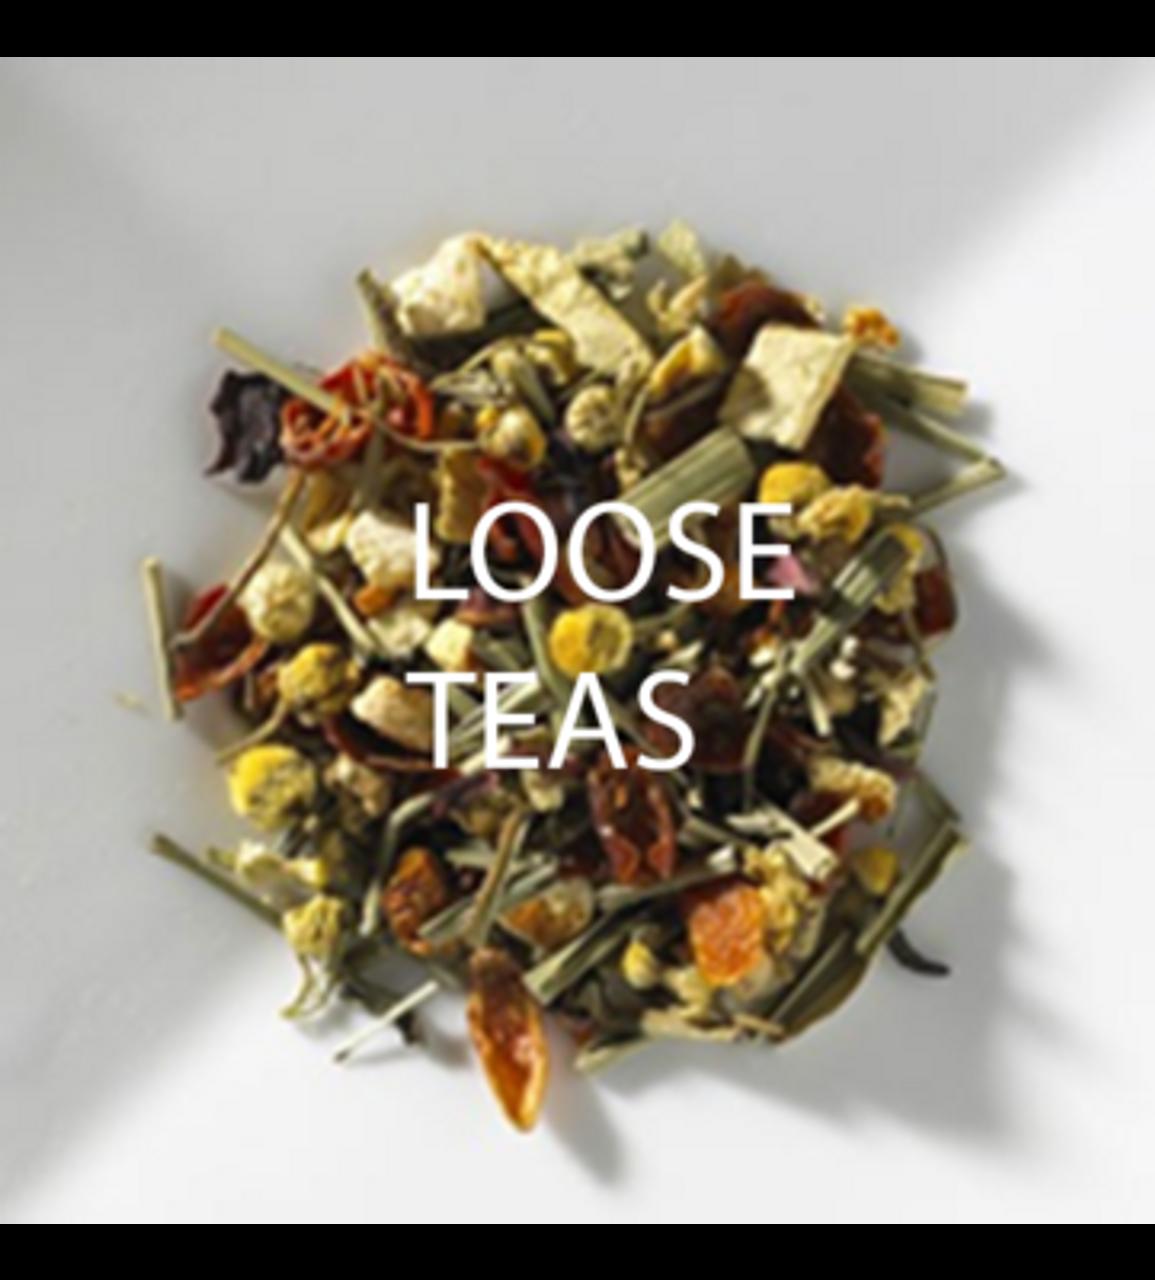 Loose Teas